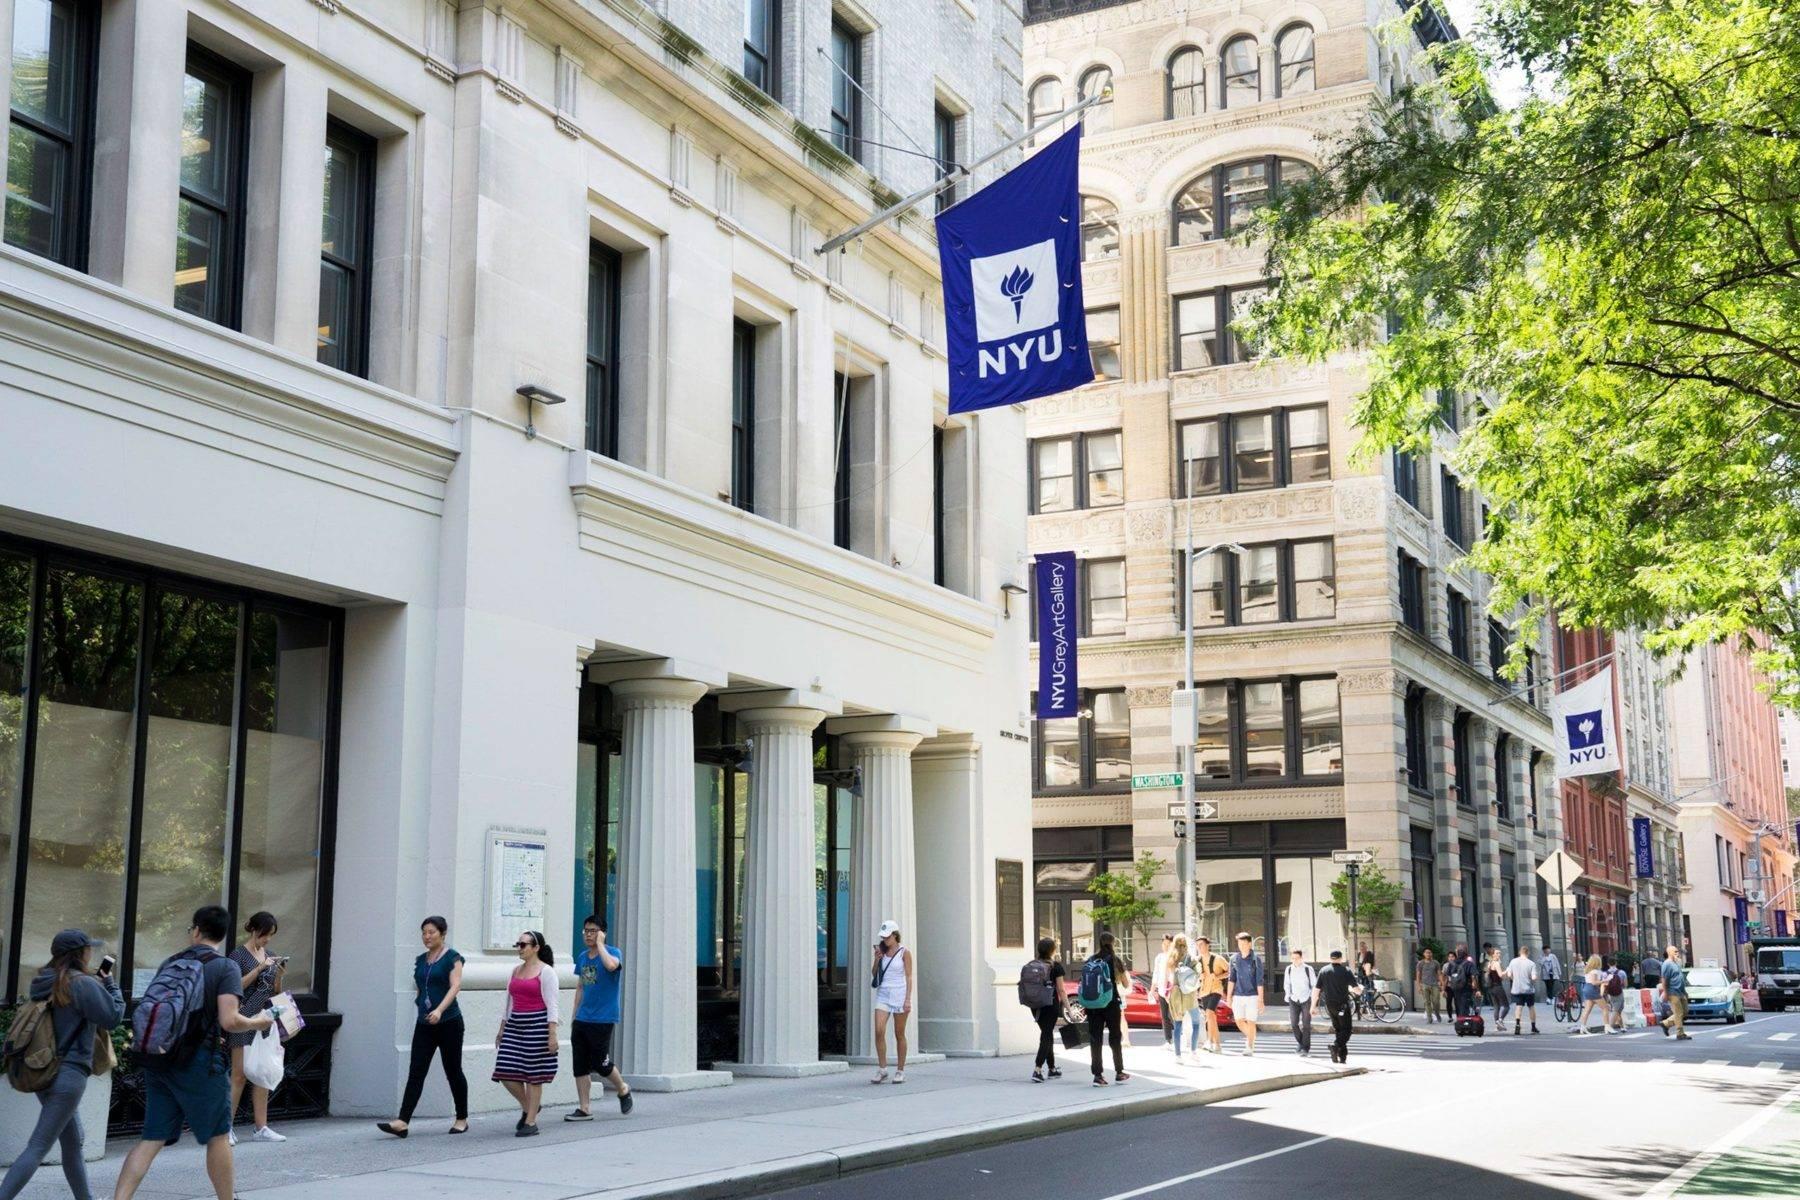 Путеводитель по нью-йорку - лучшие университеты нью-йорка